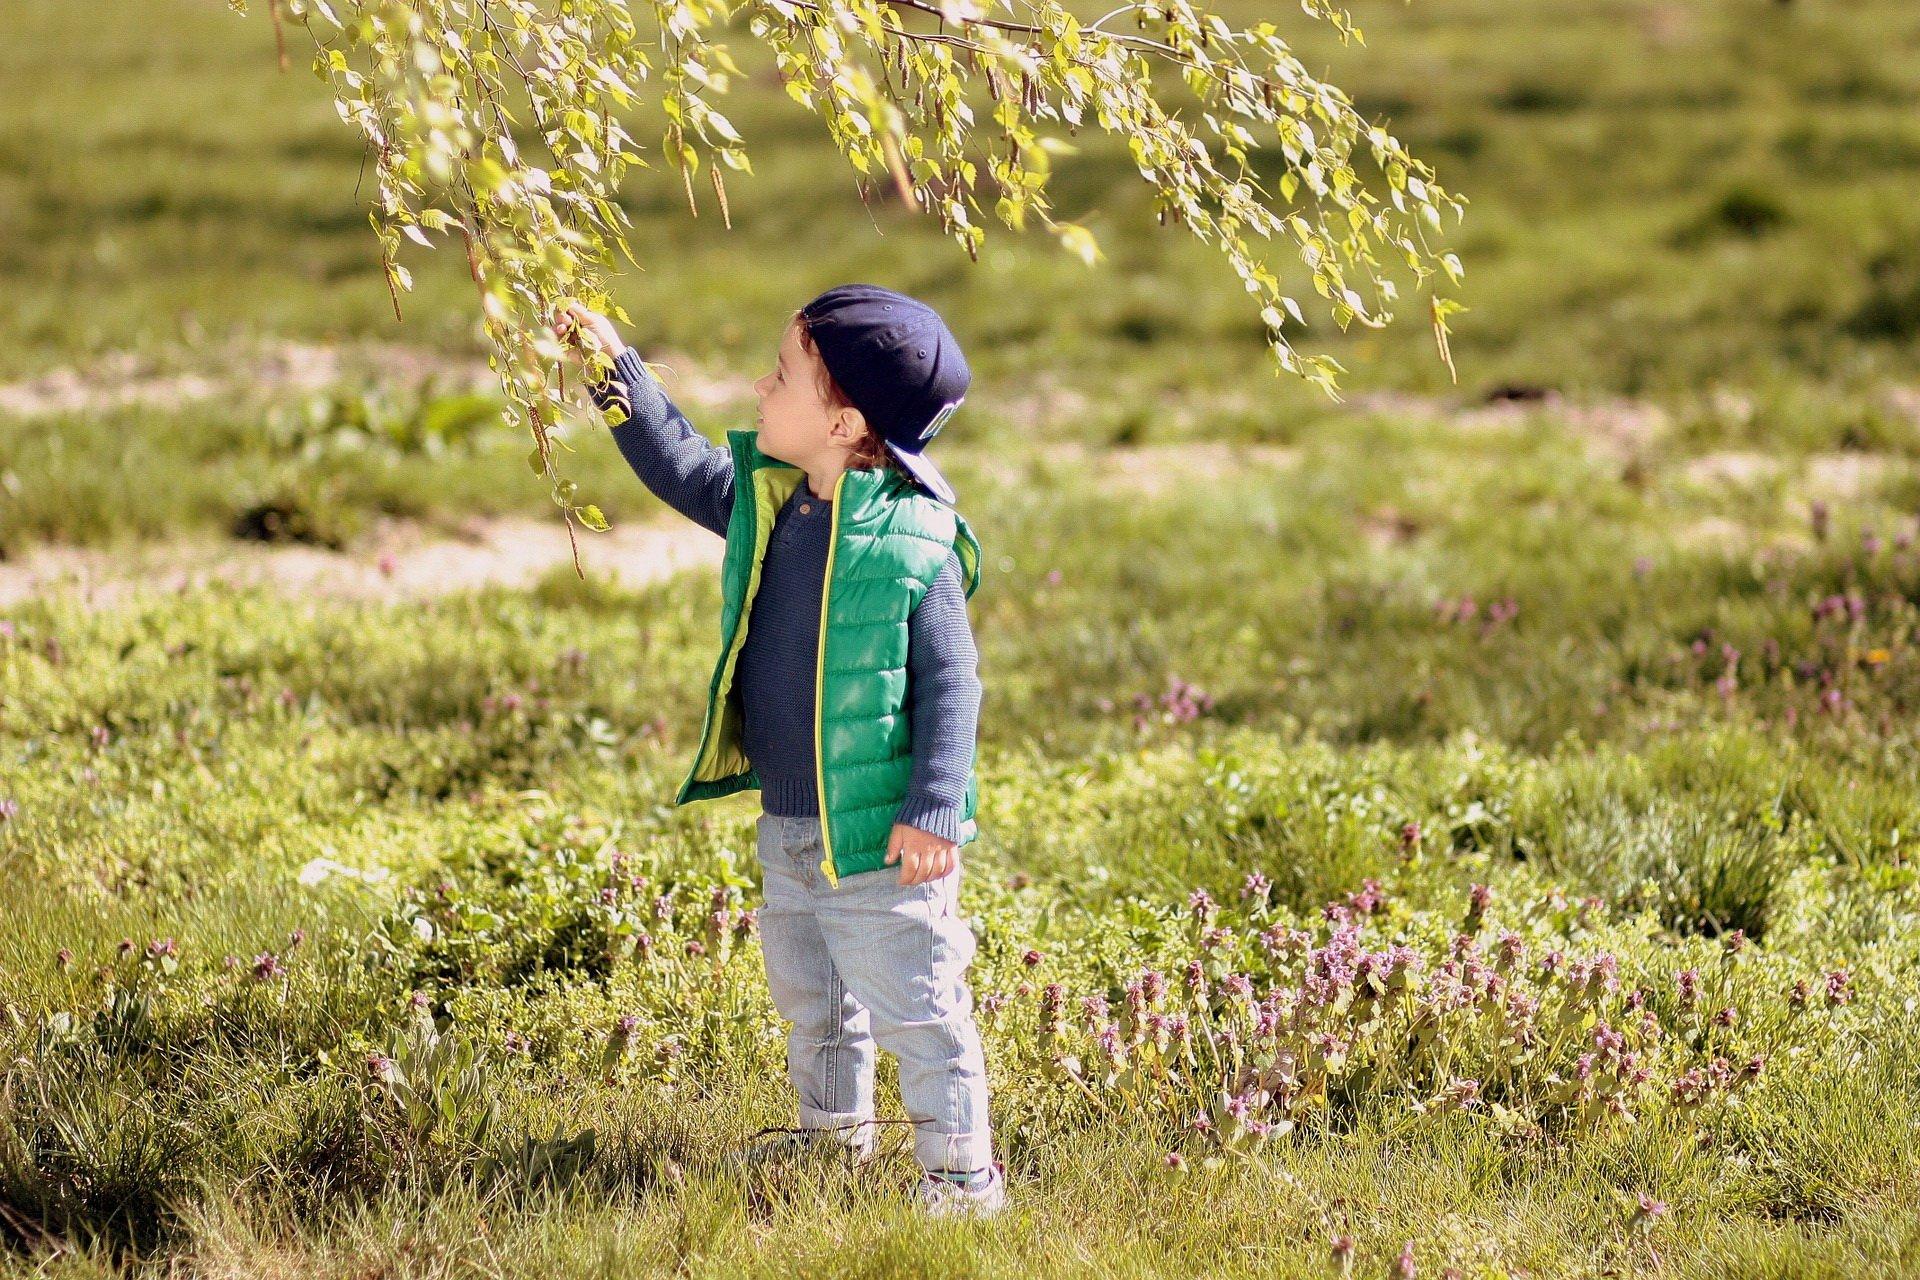 Zagadki o drzewach z odpowiedziami dla dzieci